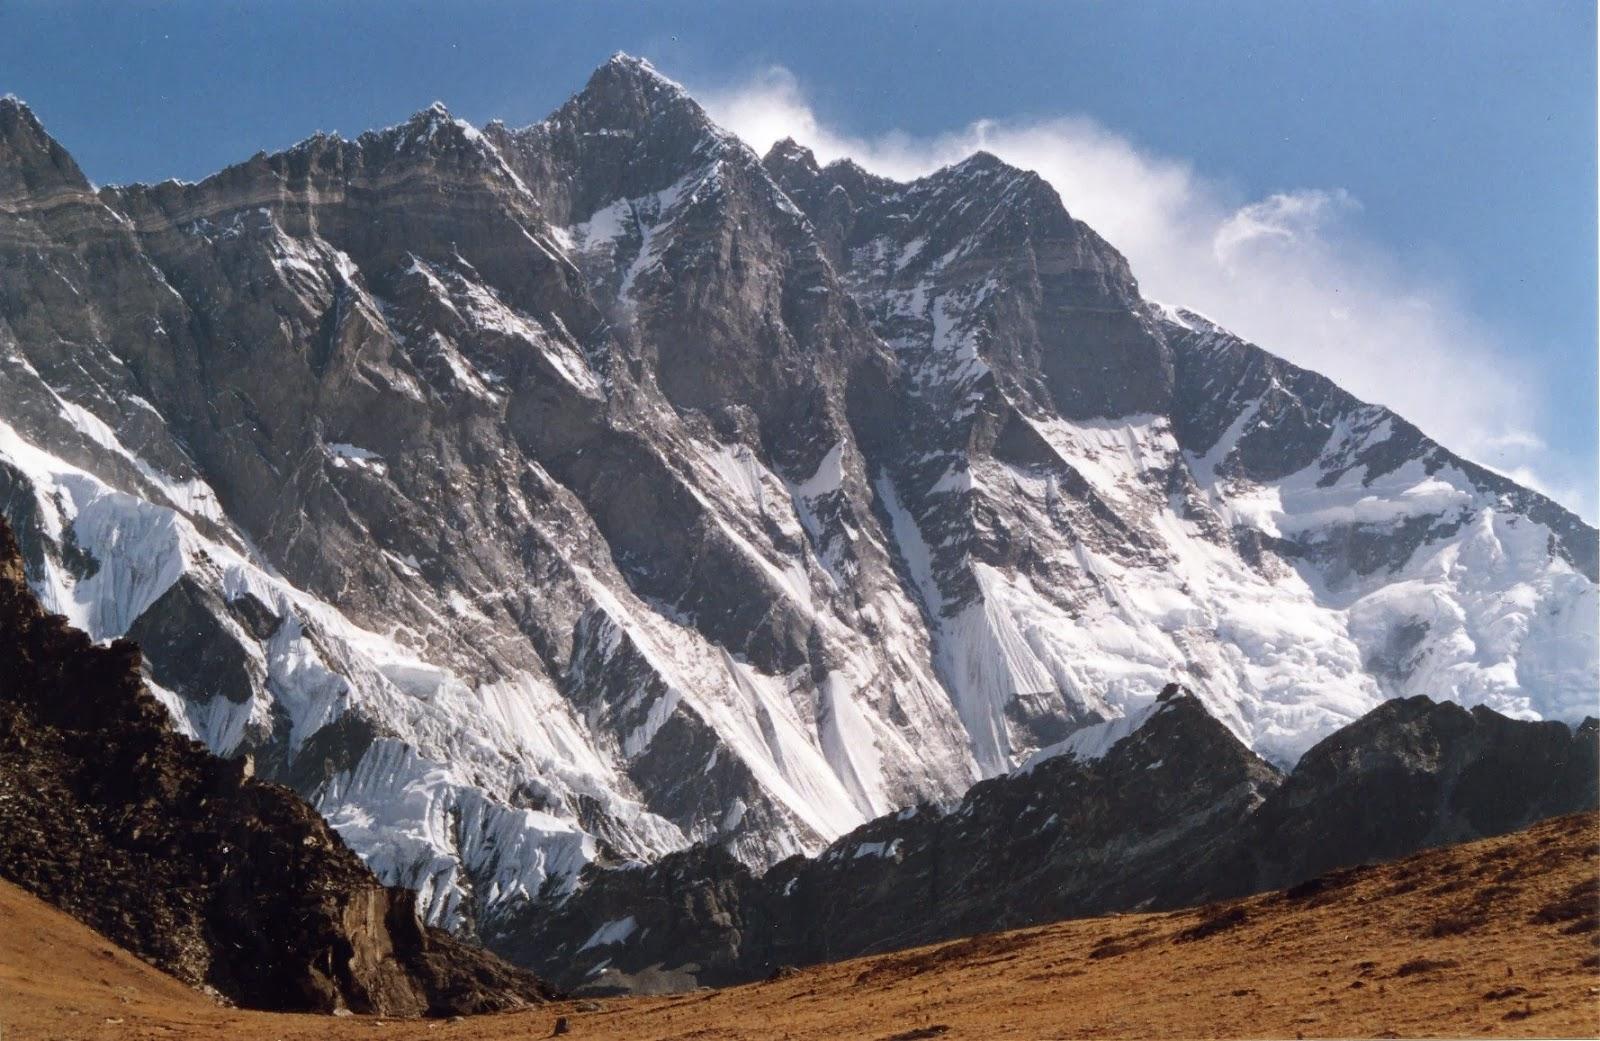 Mount Lhotse - 15 Highest Peaks in the World